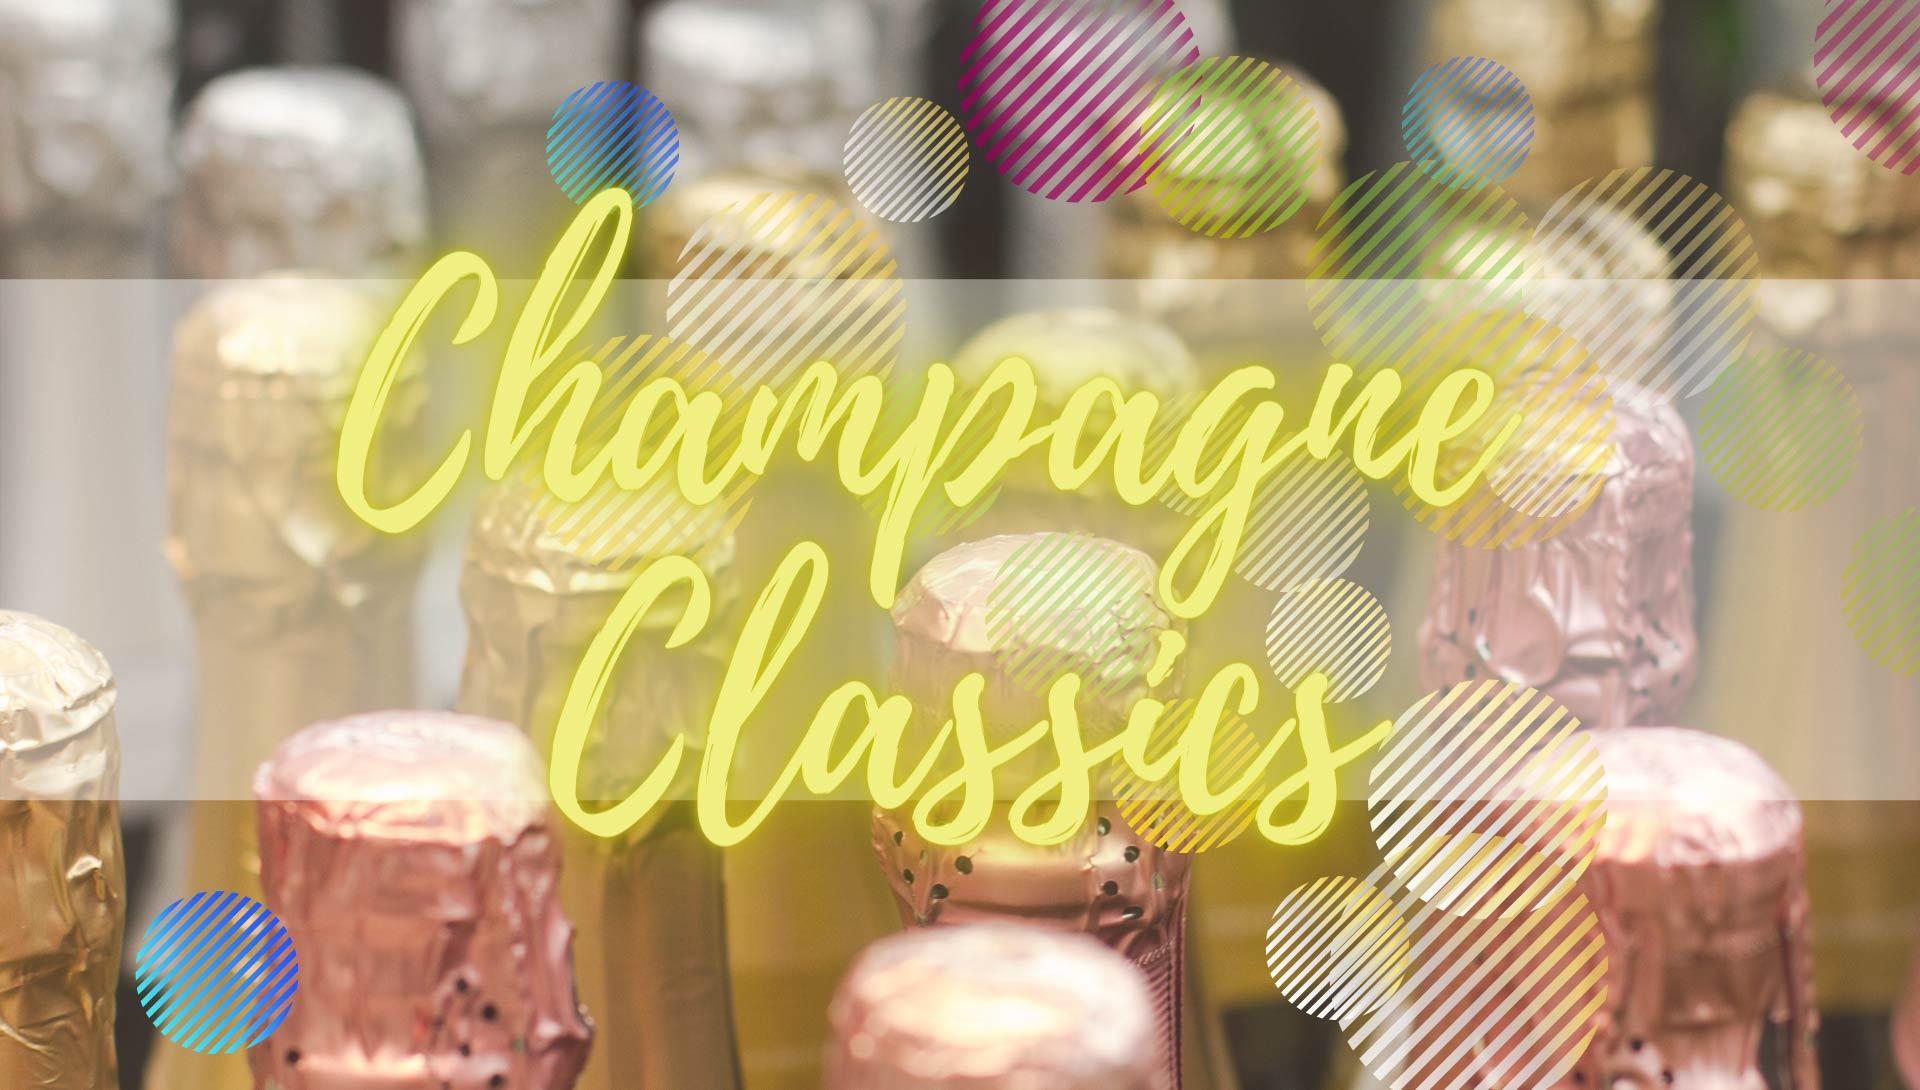 Champagner Classics